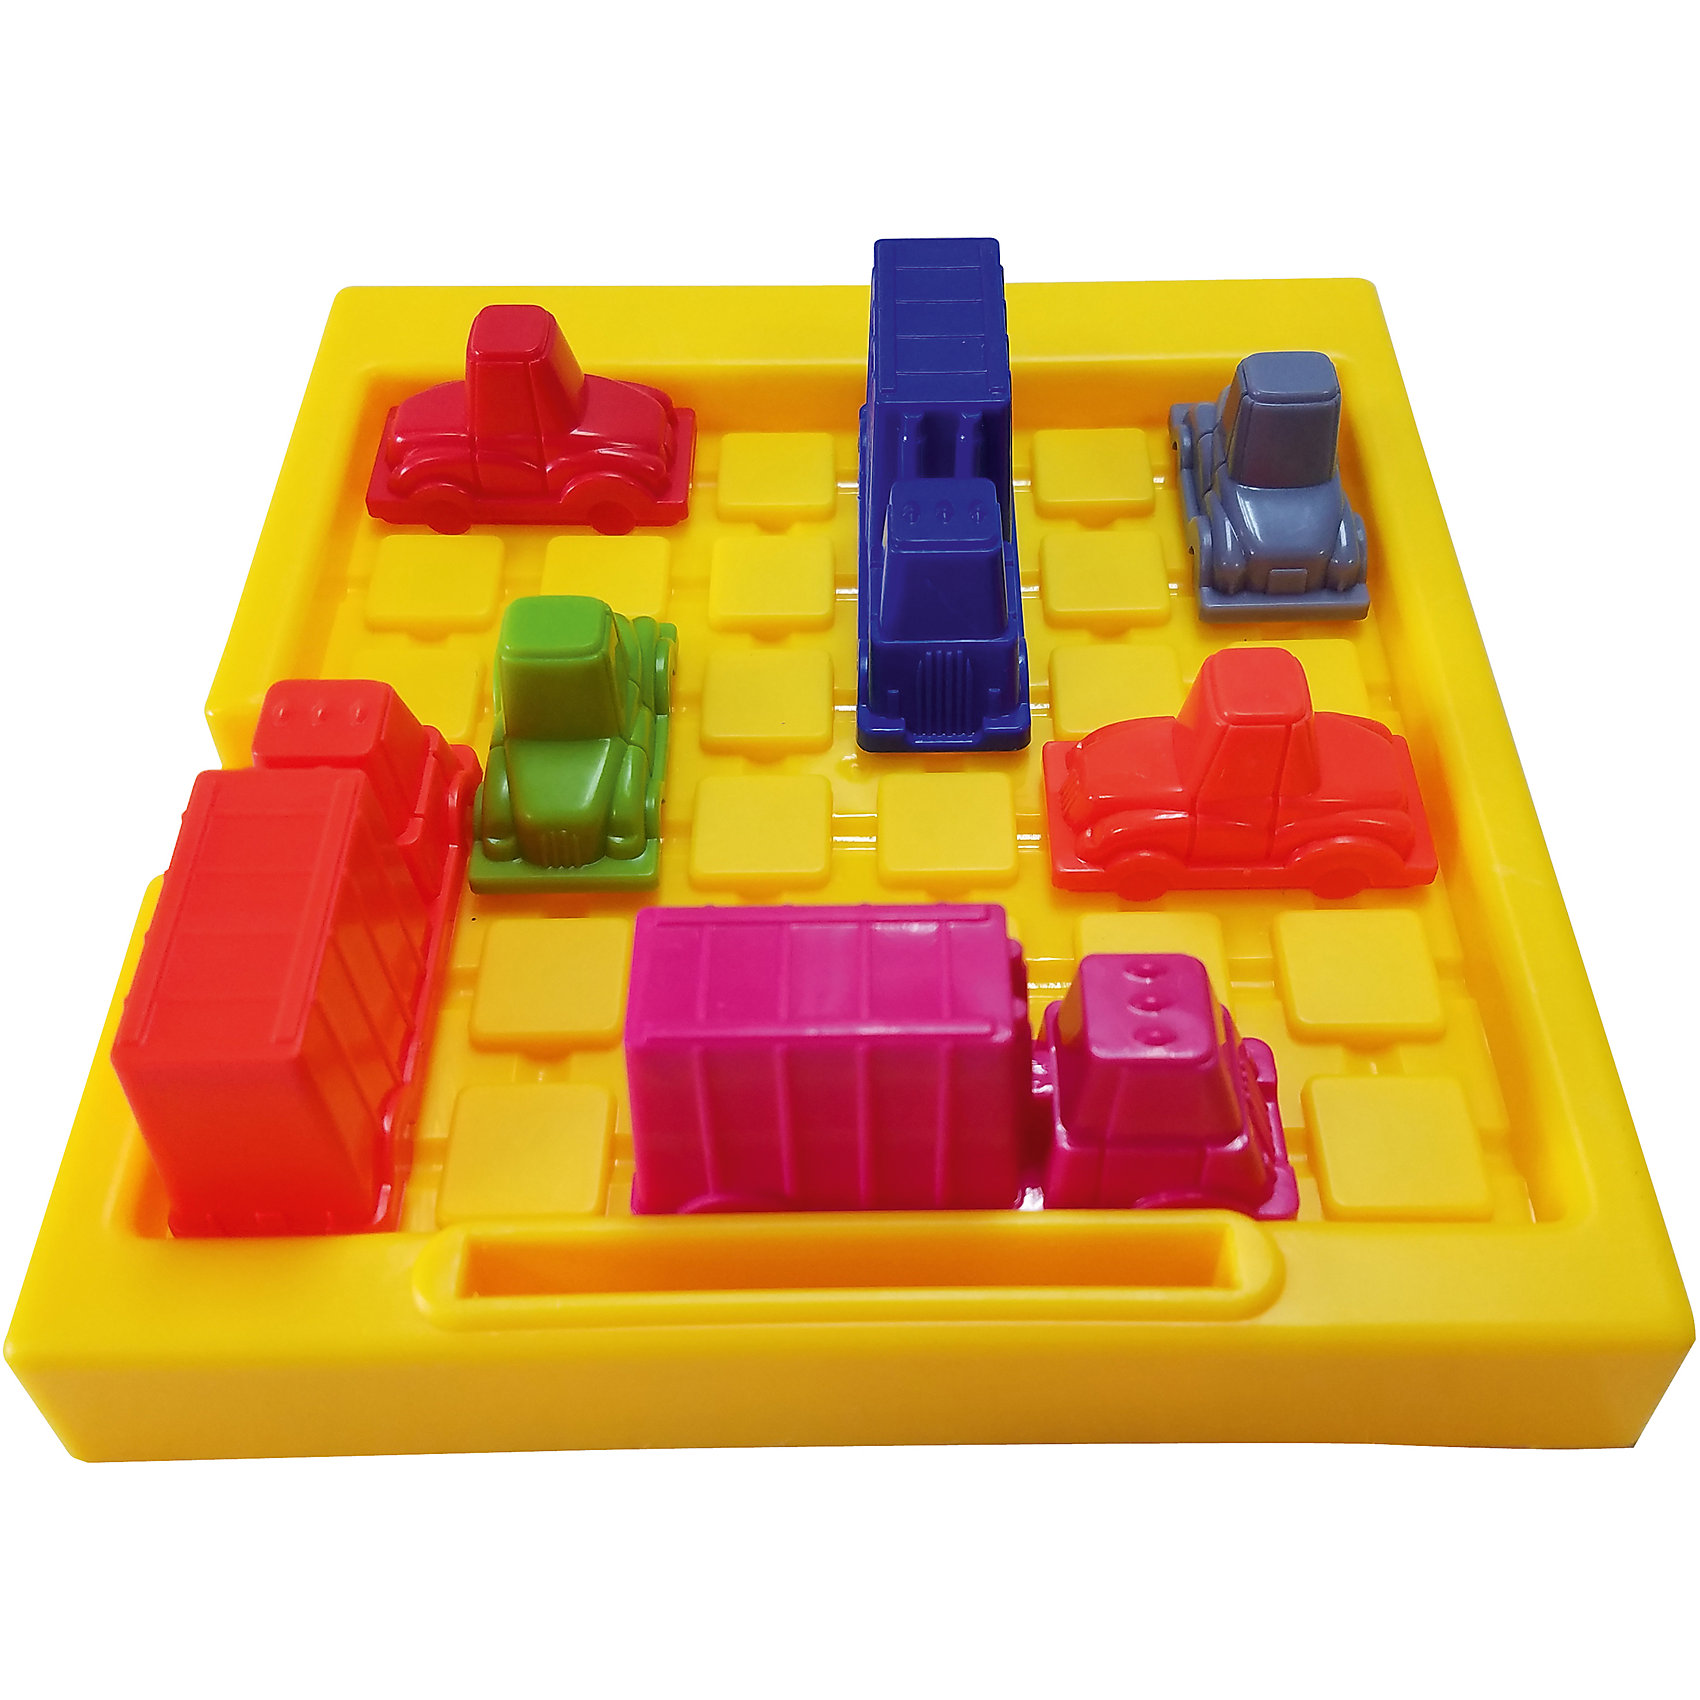 Игра Найди выход, Icoy ToysСтратегические настольные игры<br><br><br>Ширина мм: 45<br>Глубина мм: 155<br>Высота мм: 140<br>Вес г: 230<br>Возраст от месяцев: 36<br>Возраст до месяцев: 168<br>Пол: Унисекс<br>Возраст: Детский<br>SKU: 6883973